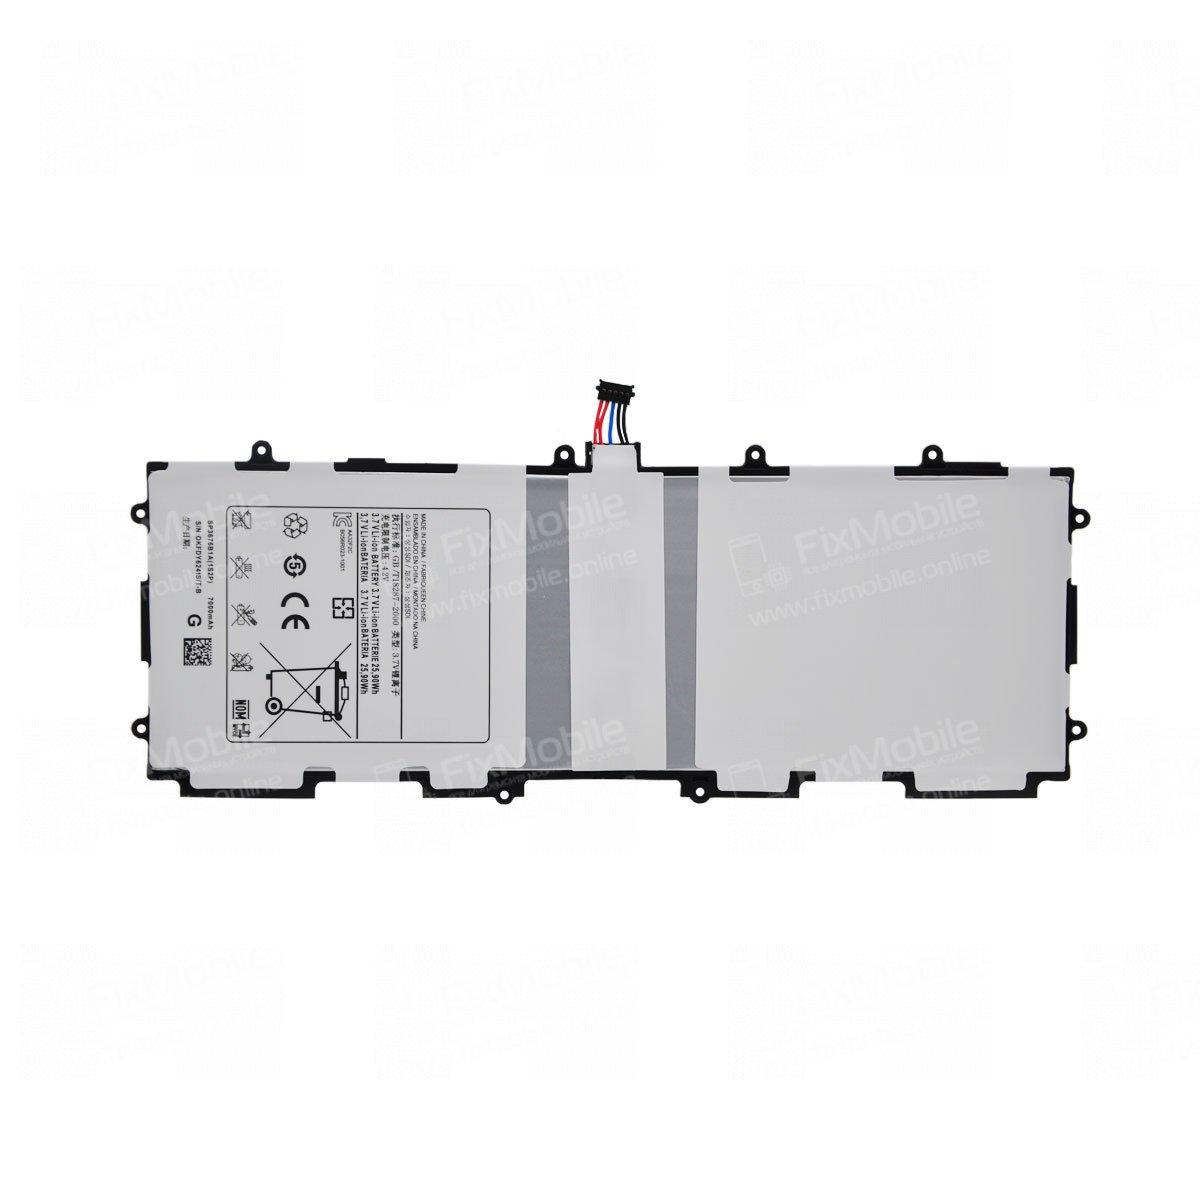 Аккумуляторная батарея для Samsung Galaxy Note 10.1 (N8000) SP3676B1A1S2P